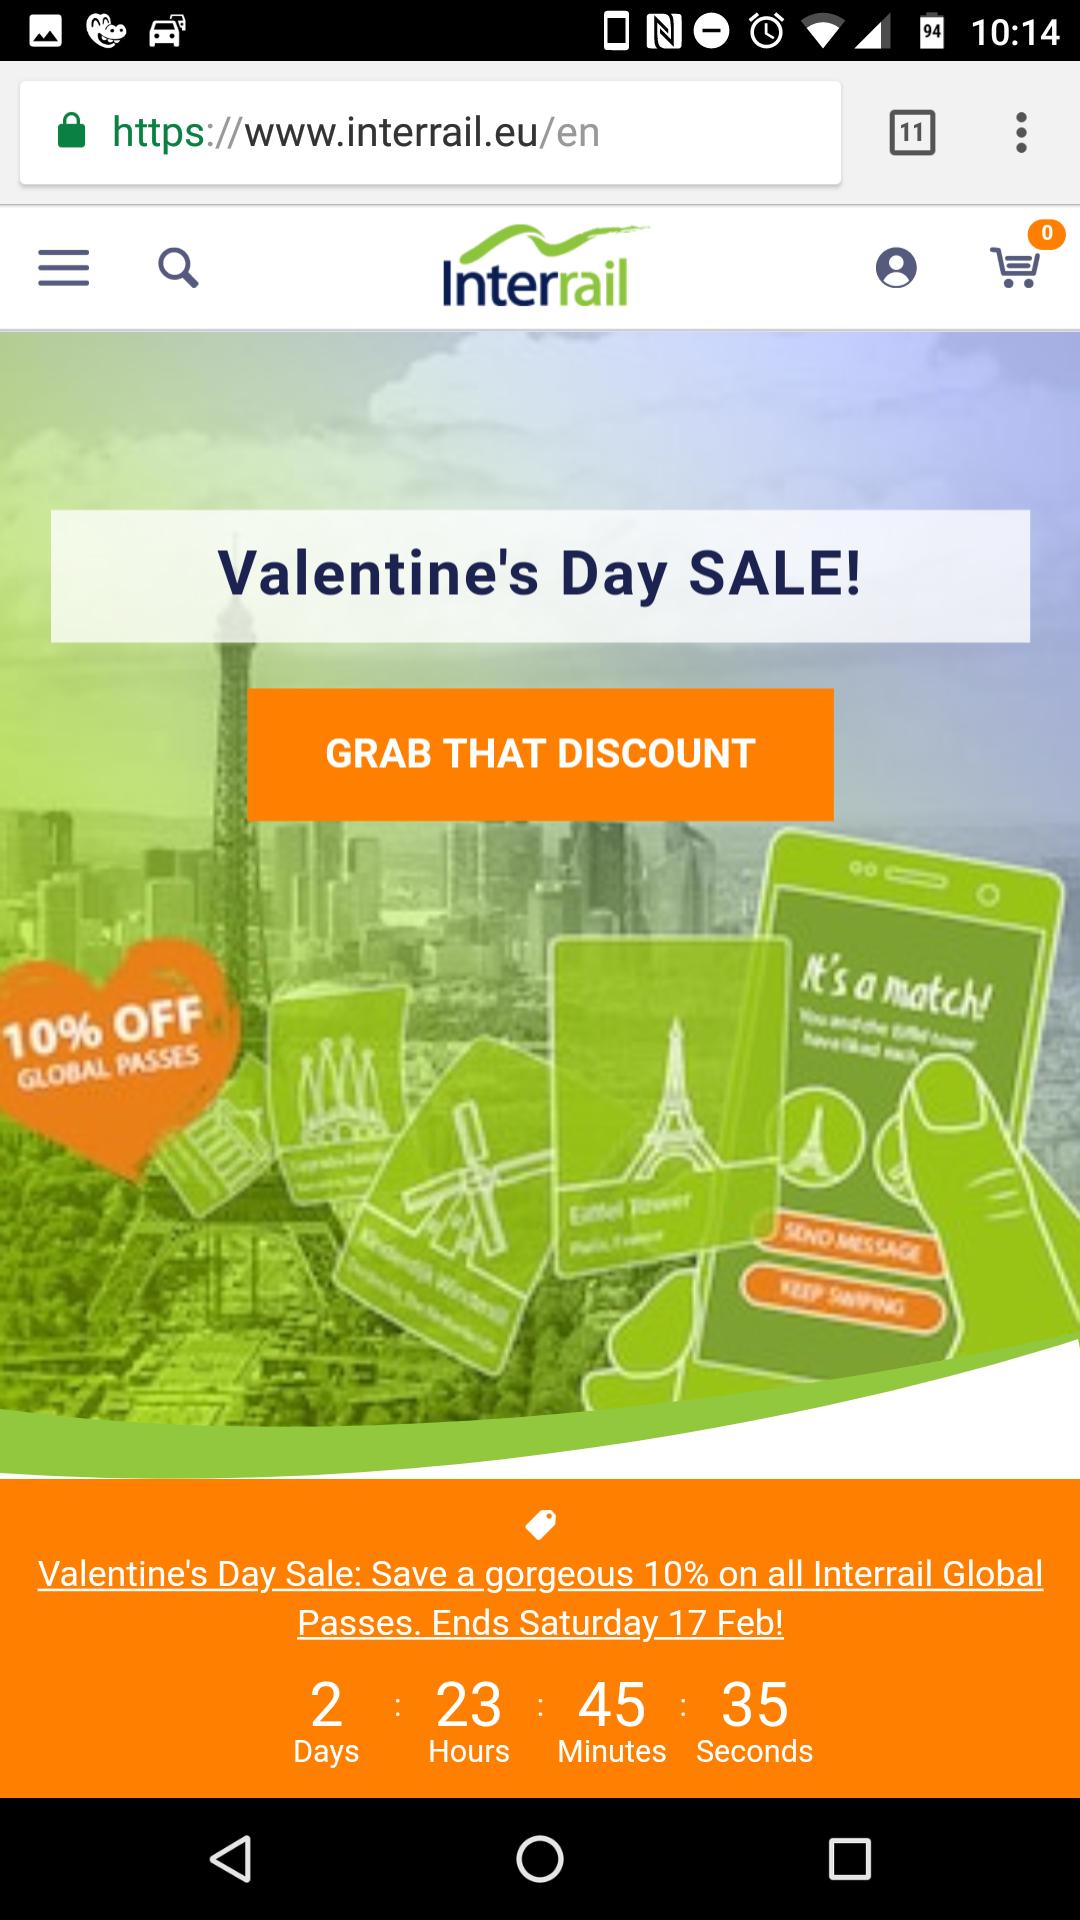 Interrail Valentinstagsdeal: 10% auf alle global Pässe